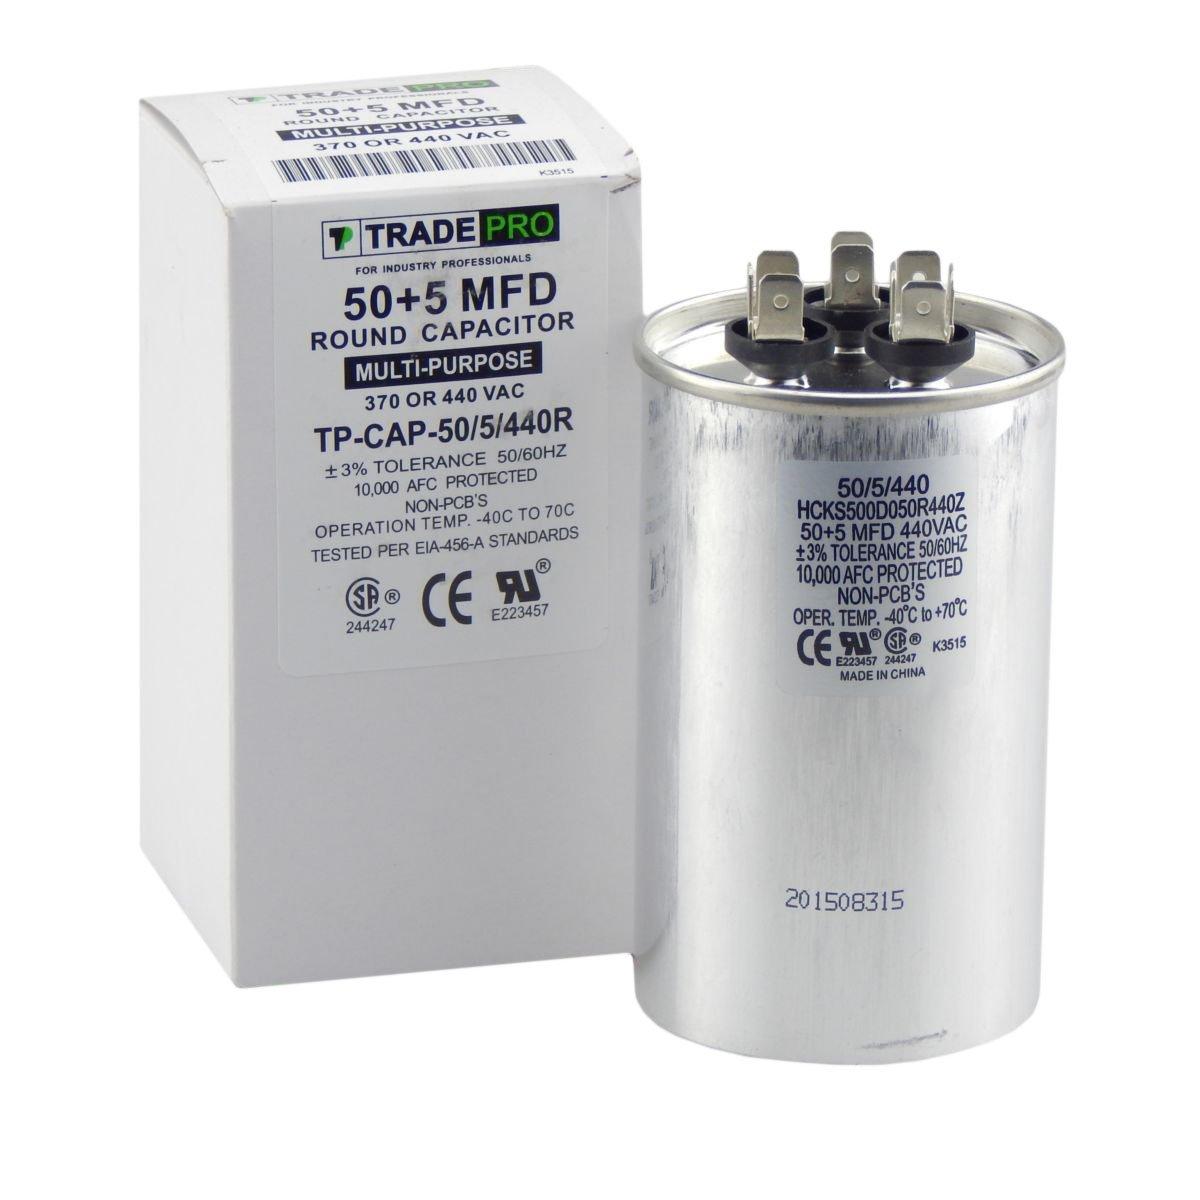 TradePro 50 + 5 mfd Dual Run Capacitor 370/440 Volt Round 50/5: Amazon.com:  Industrial & Scientific